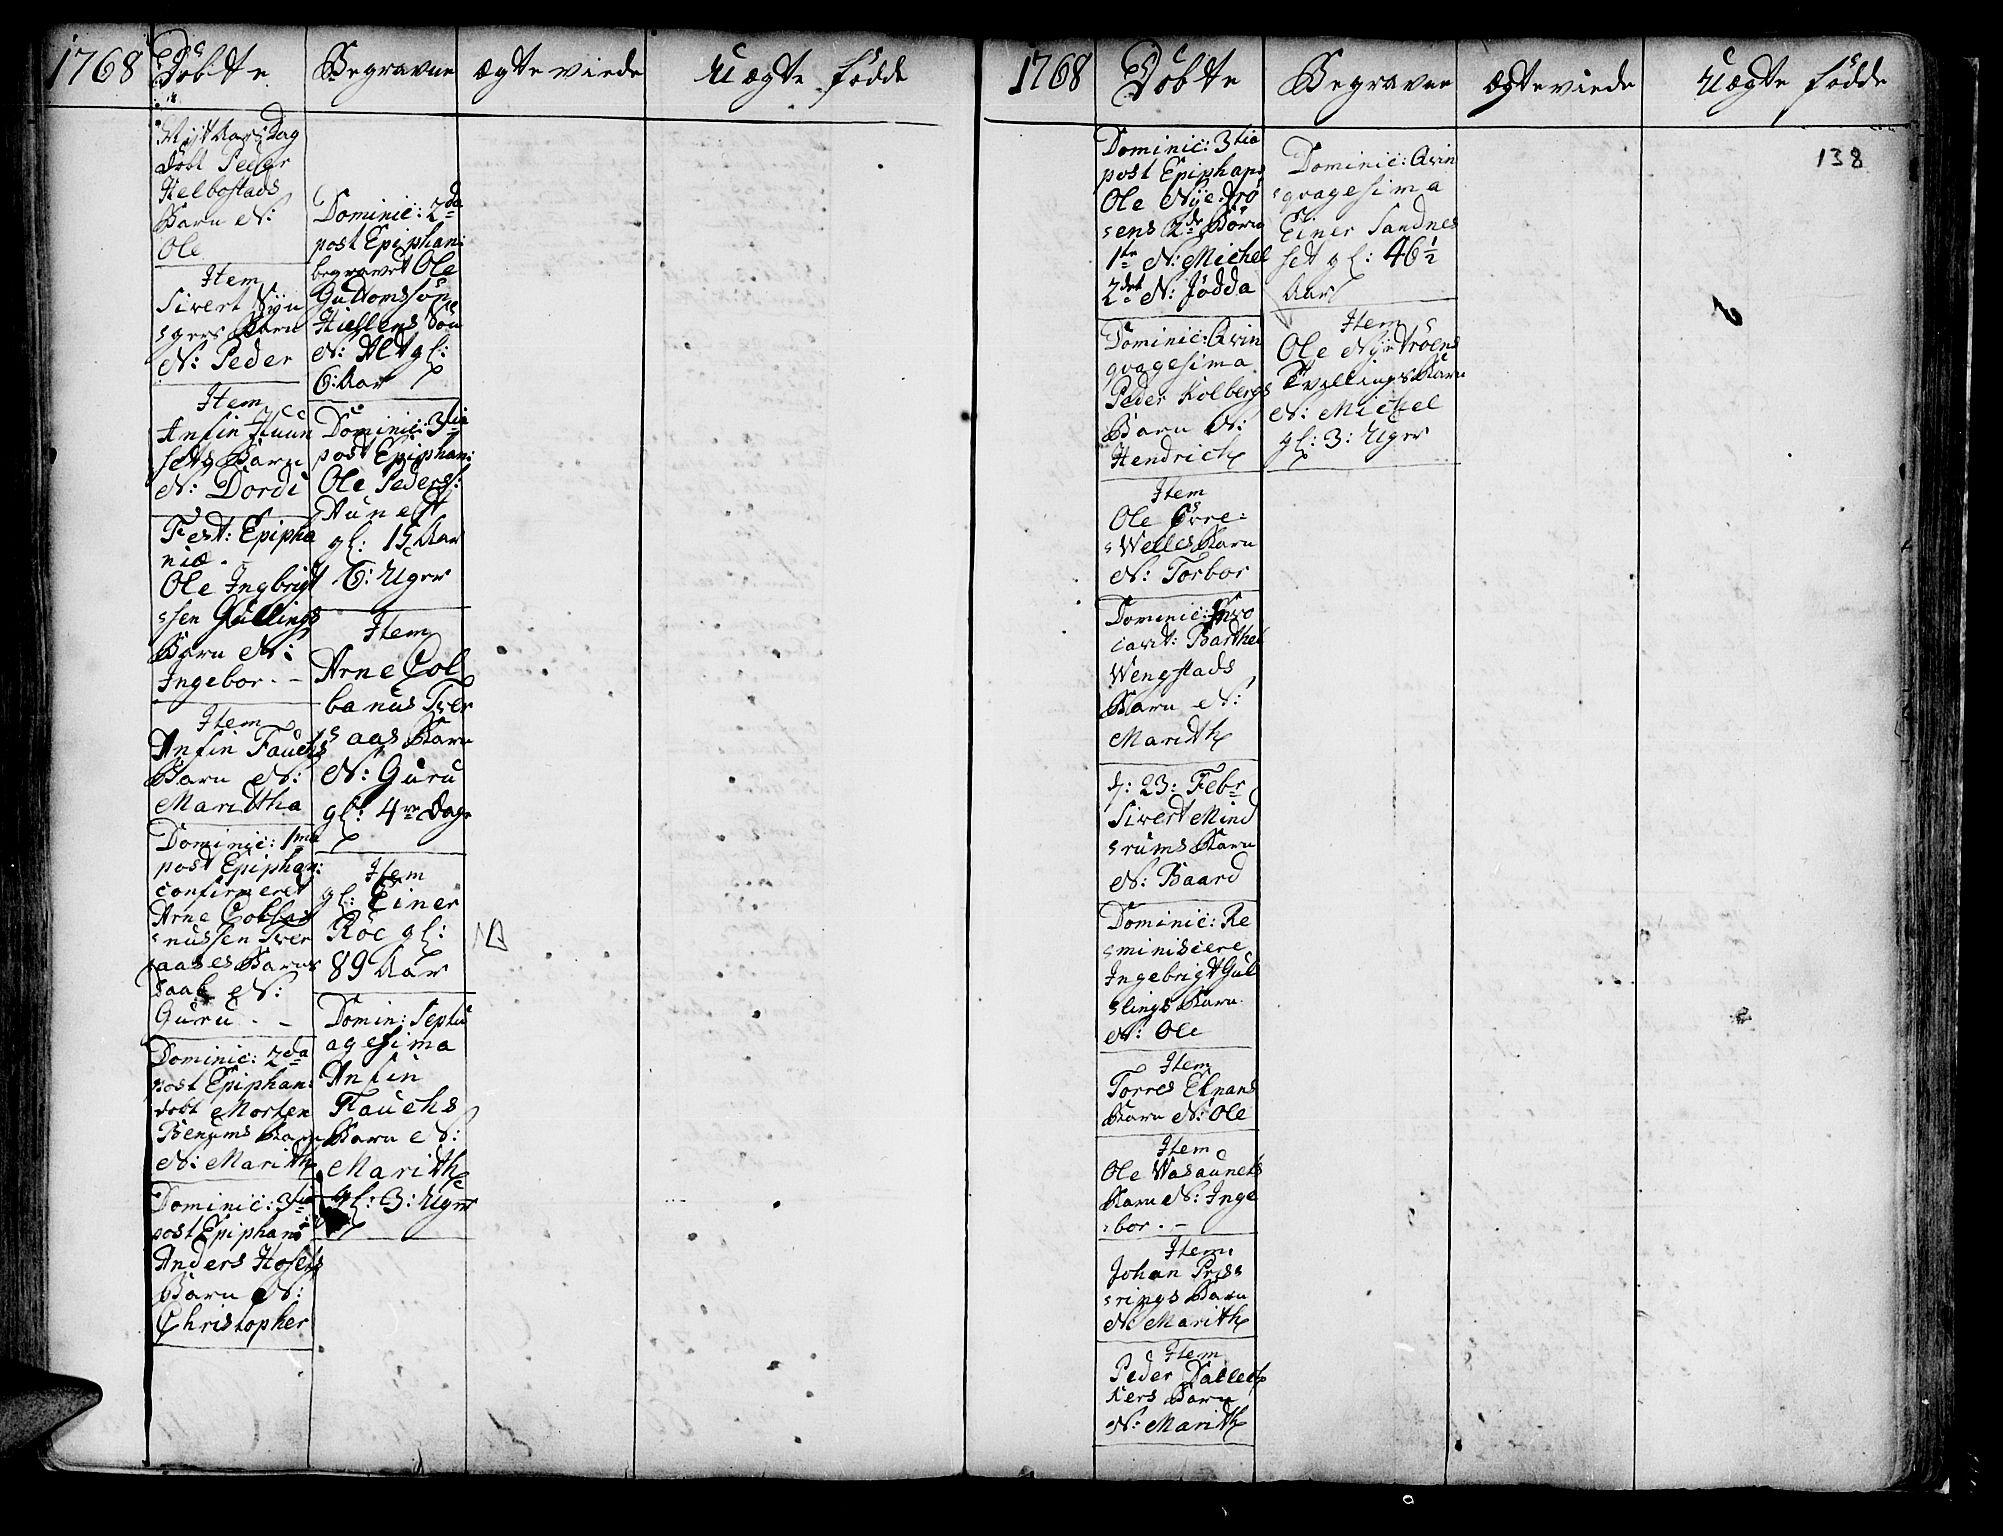 SAT, Ministerialprotokoller, klokkerbøker og fødselsregistre - Nord-Trøndelag, 741/L0385: Ministerialbok nr. 741A01, 1722-1815, s. 138